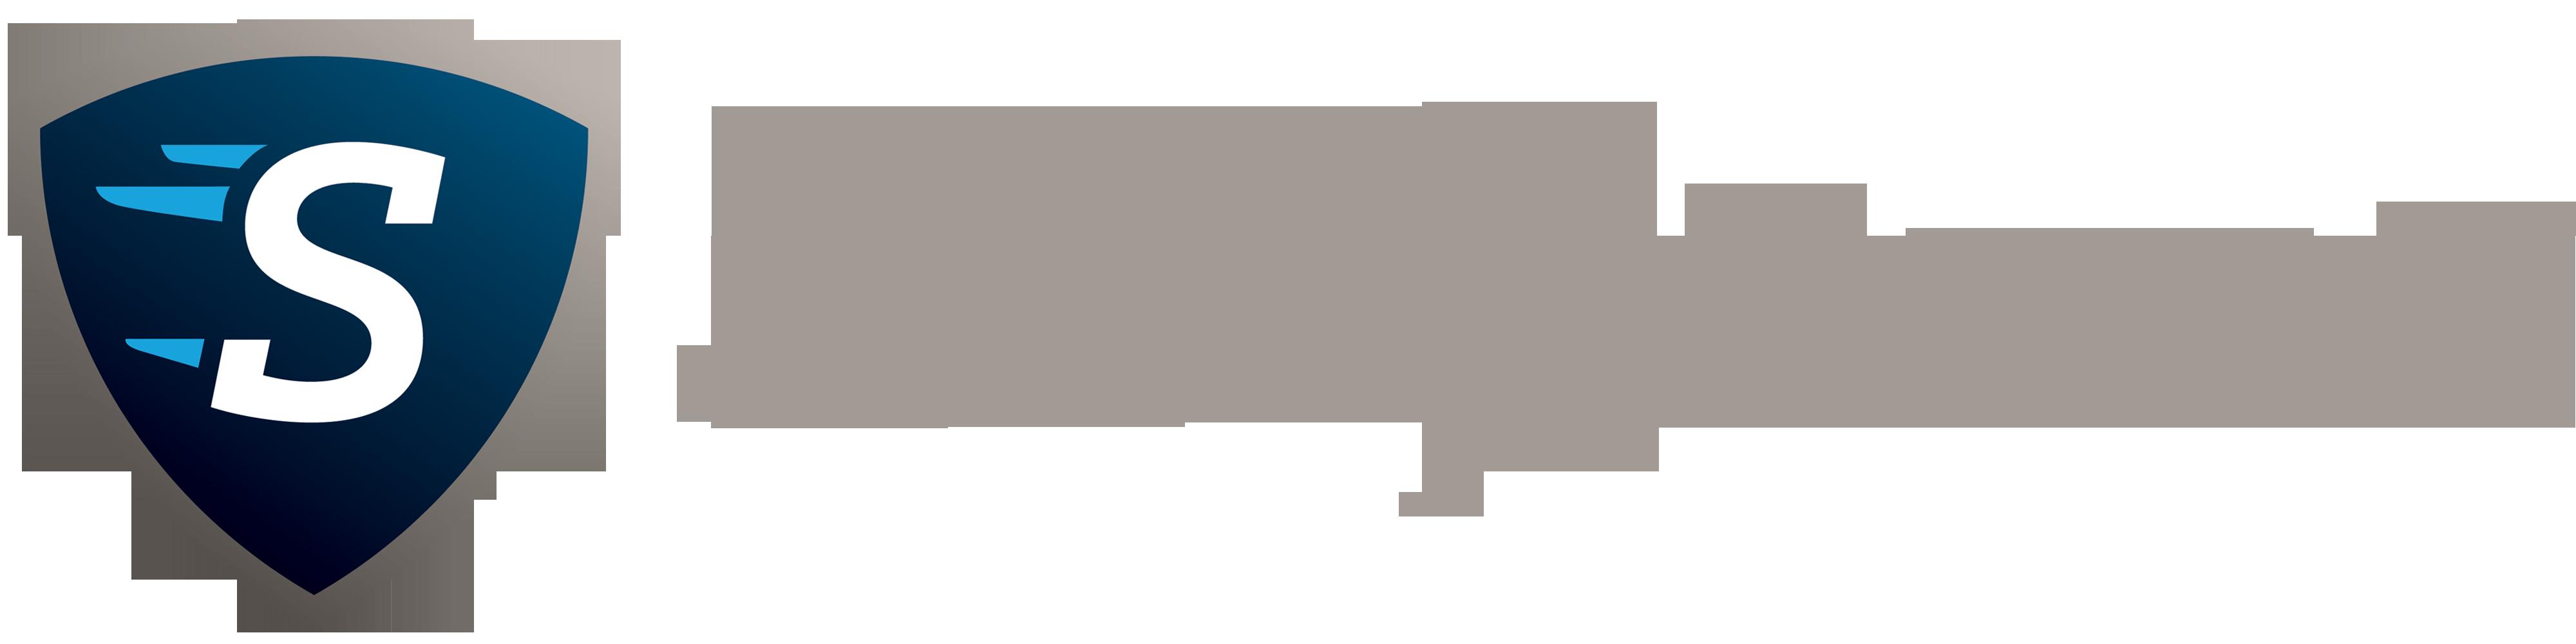 skillfitness-logo